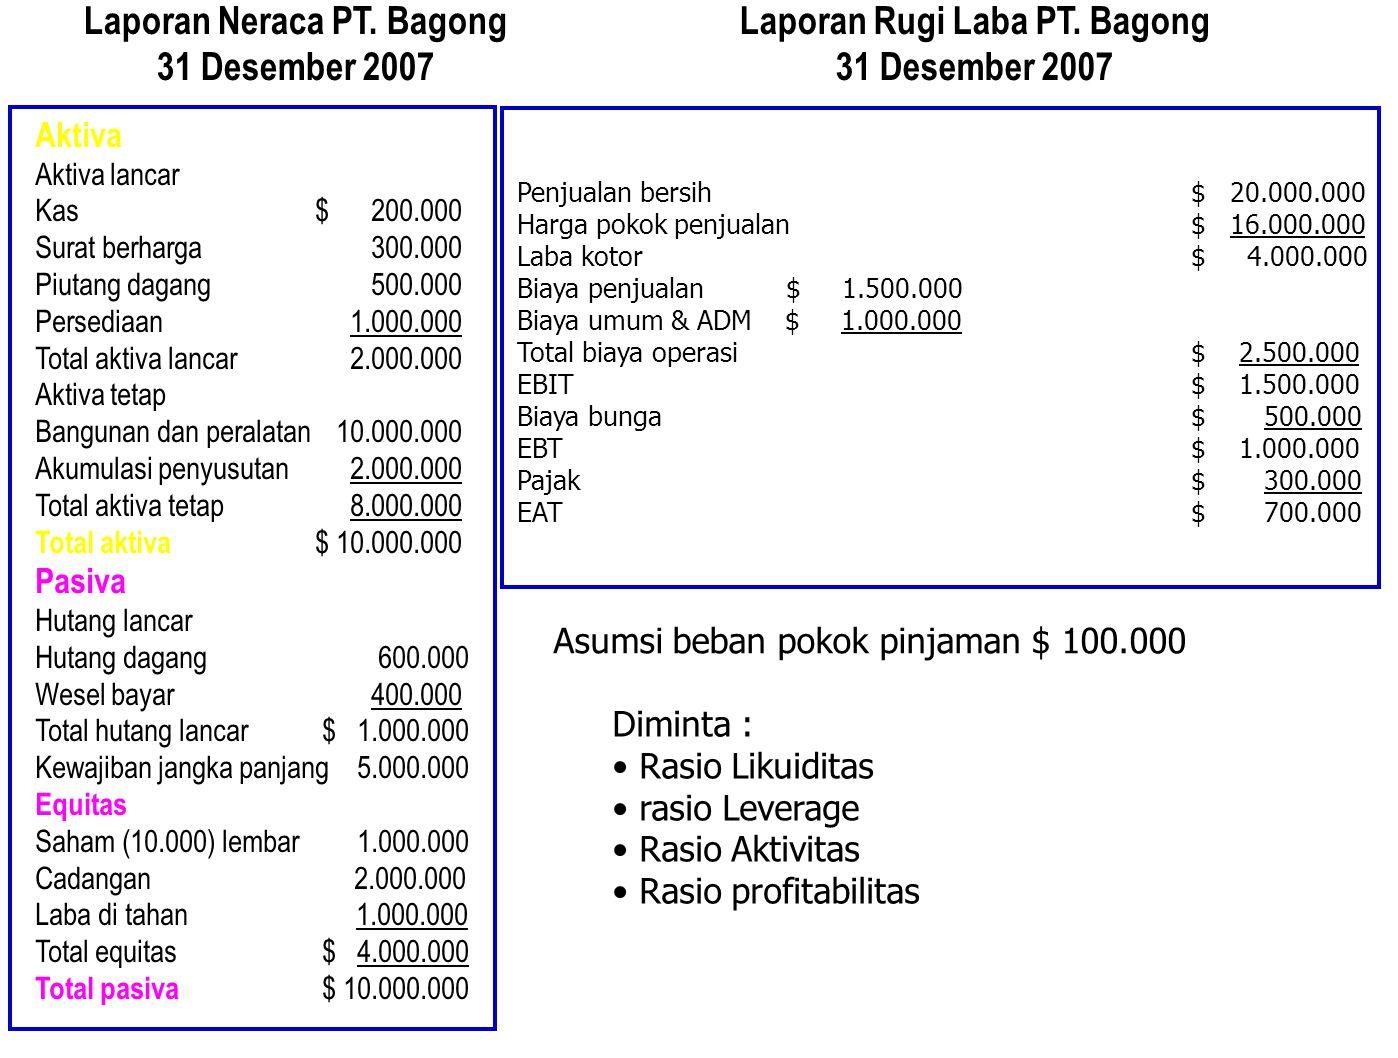 Laporan Neraca PT. Bagong 31 Desember 2007 Laporan Rugi Laba PT. Bagong 31 Desember 2007 Aktiva Aktiva lancar Kas $ 200.000 Surat berharga 300.000 Piu